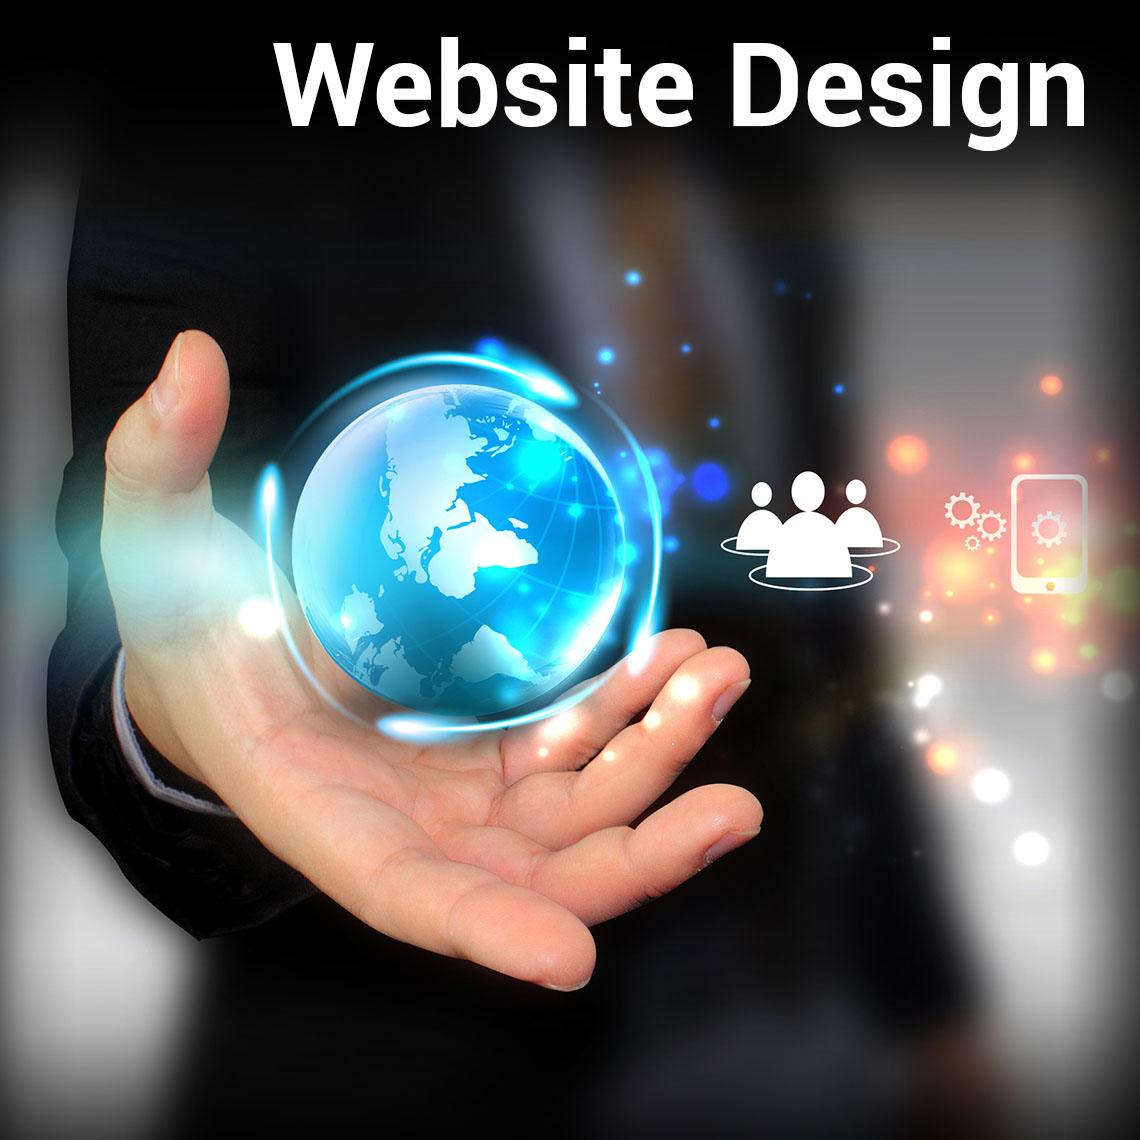 website design2 zoom